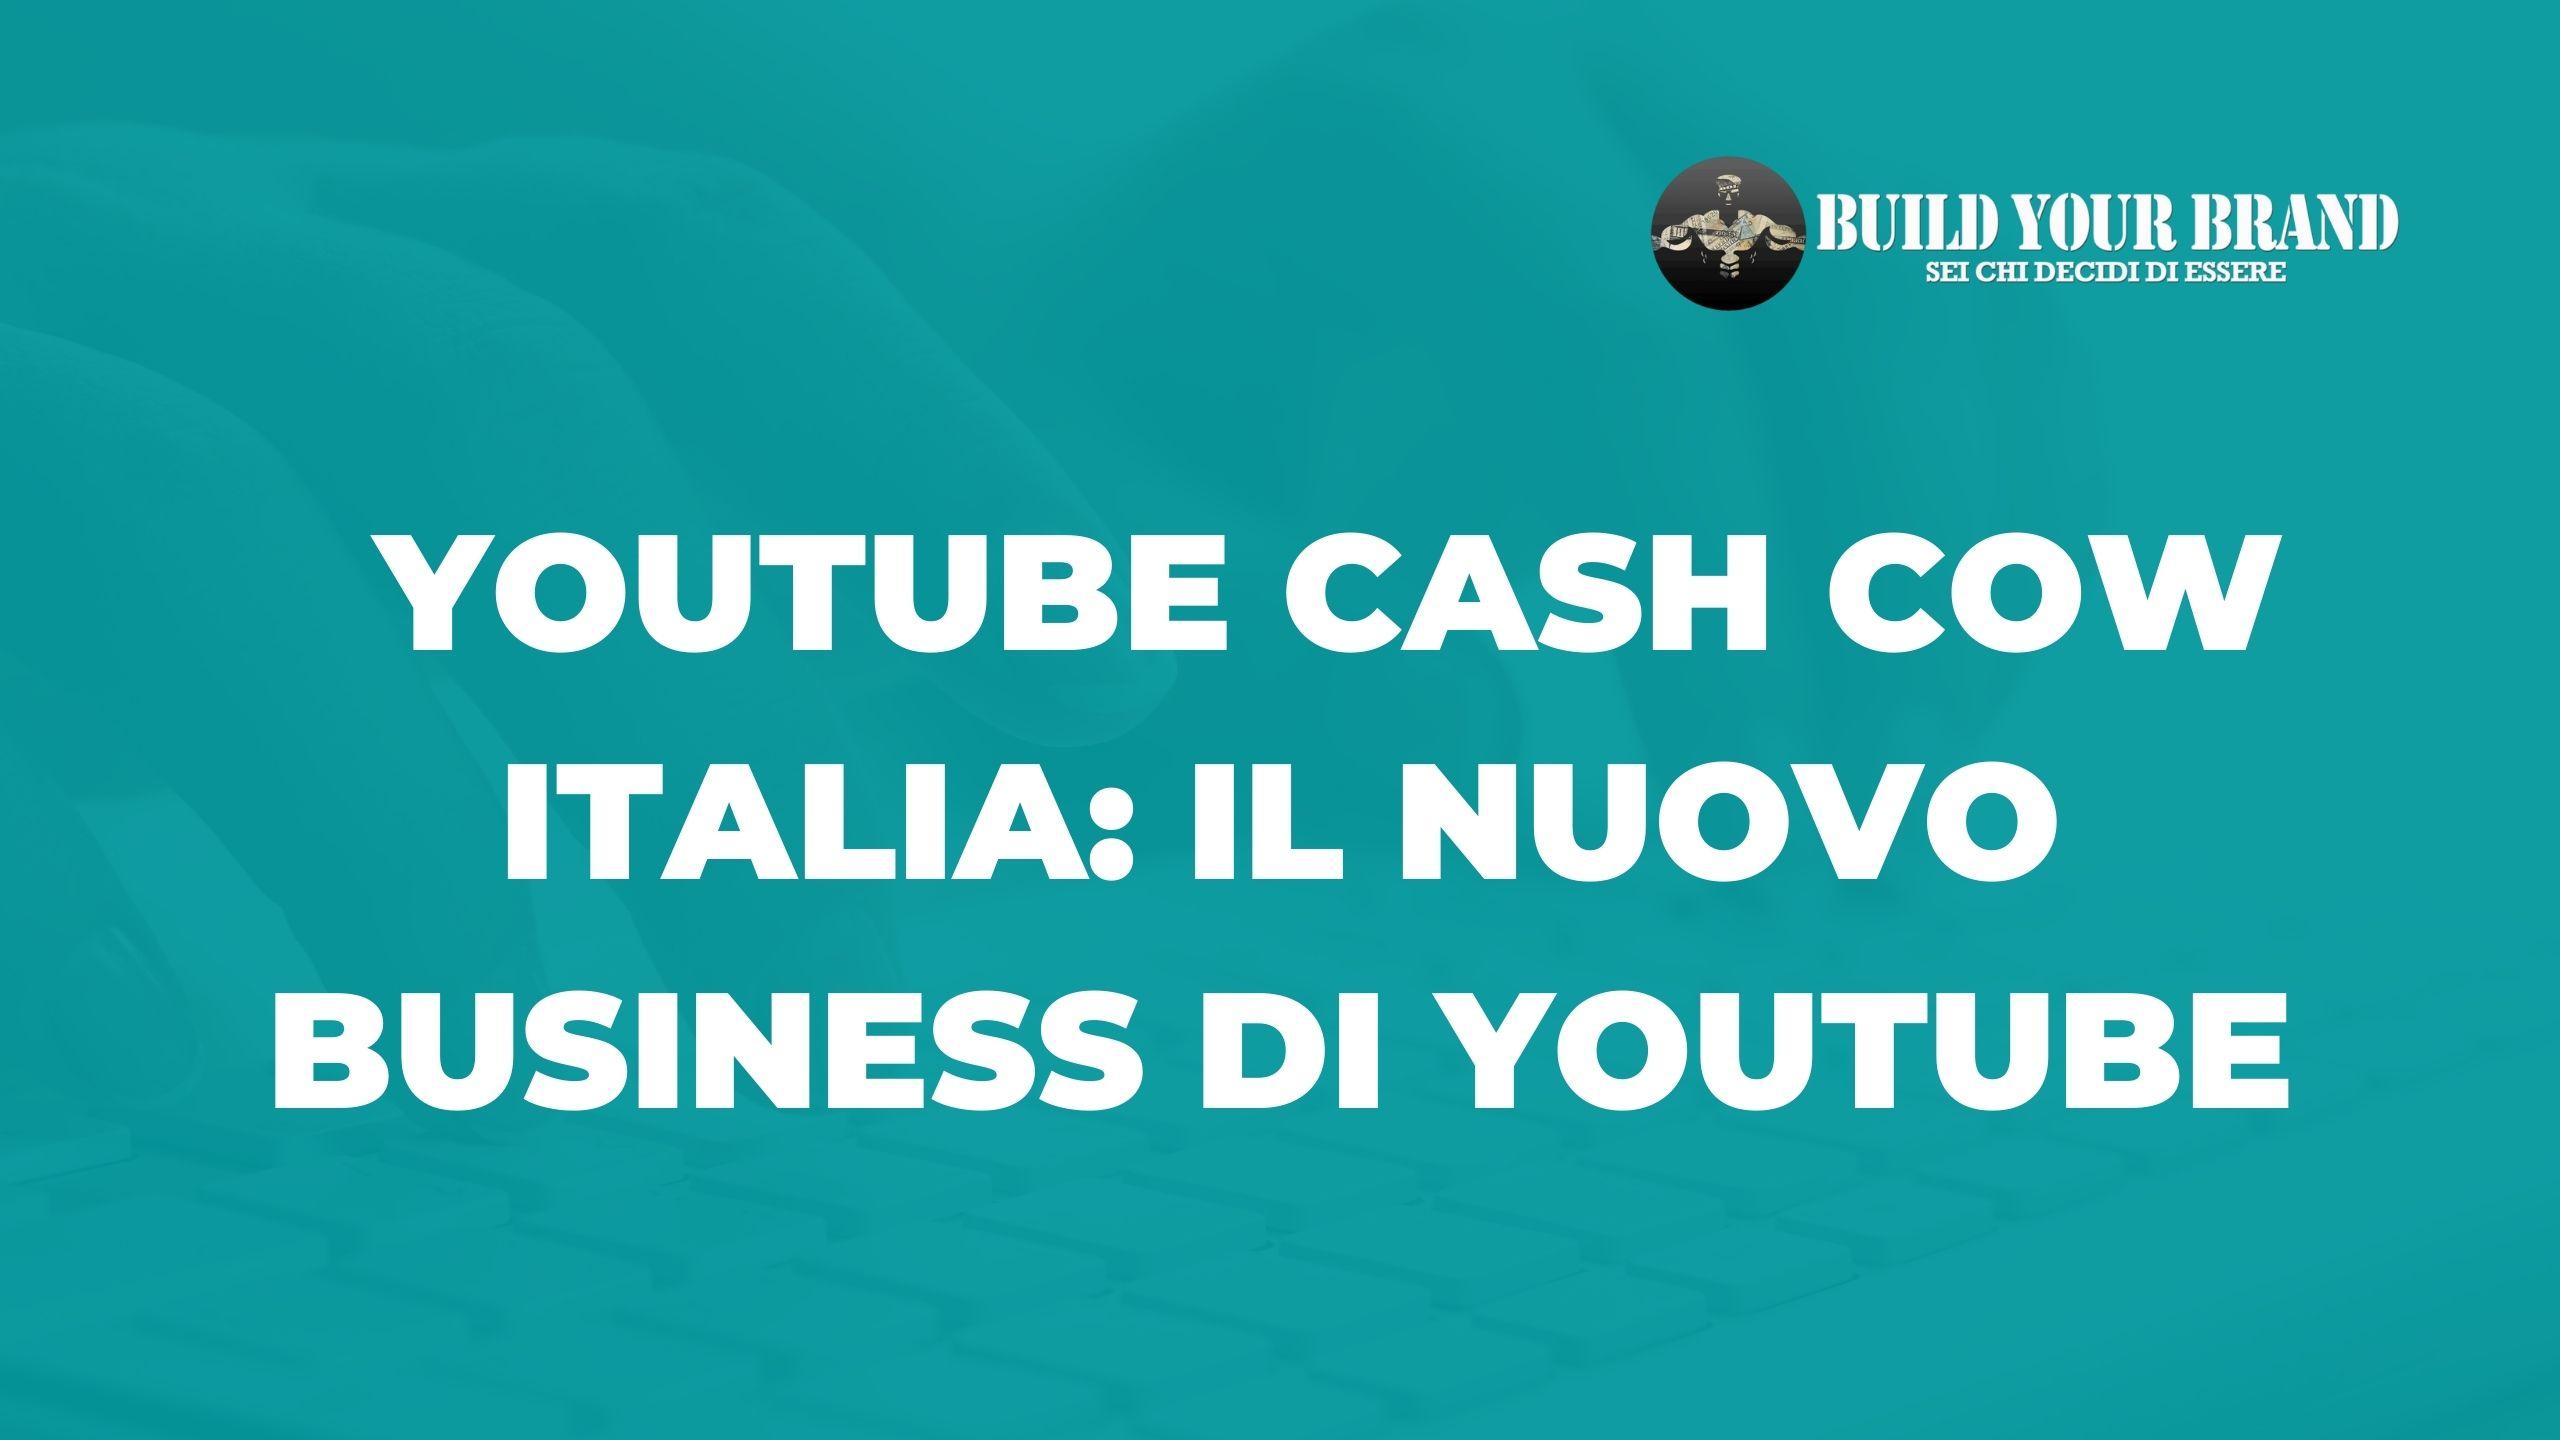 Youtube-Cash-Cow-Italia-nuovo-business-di-Youtube